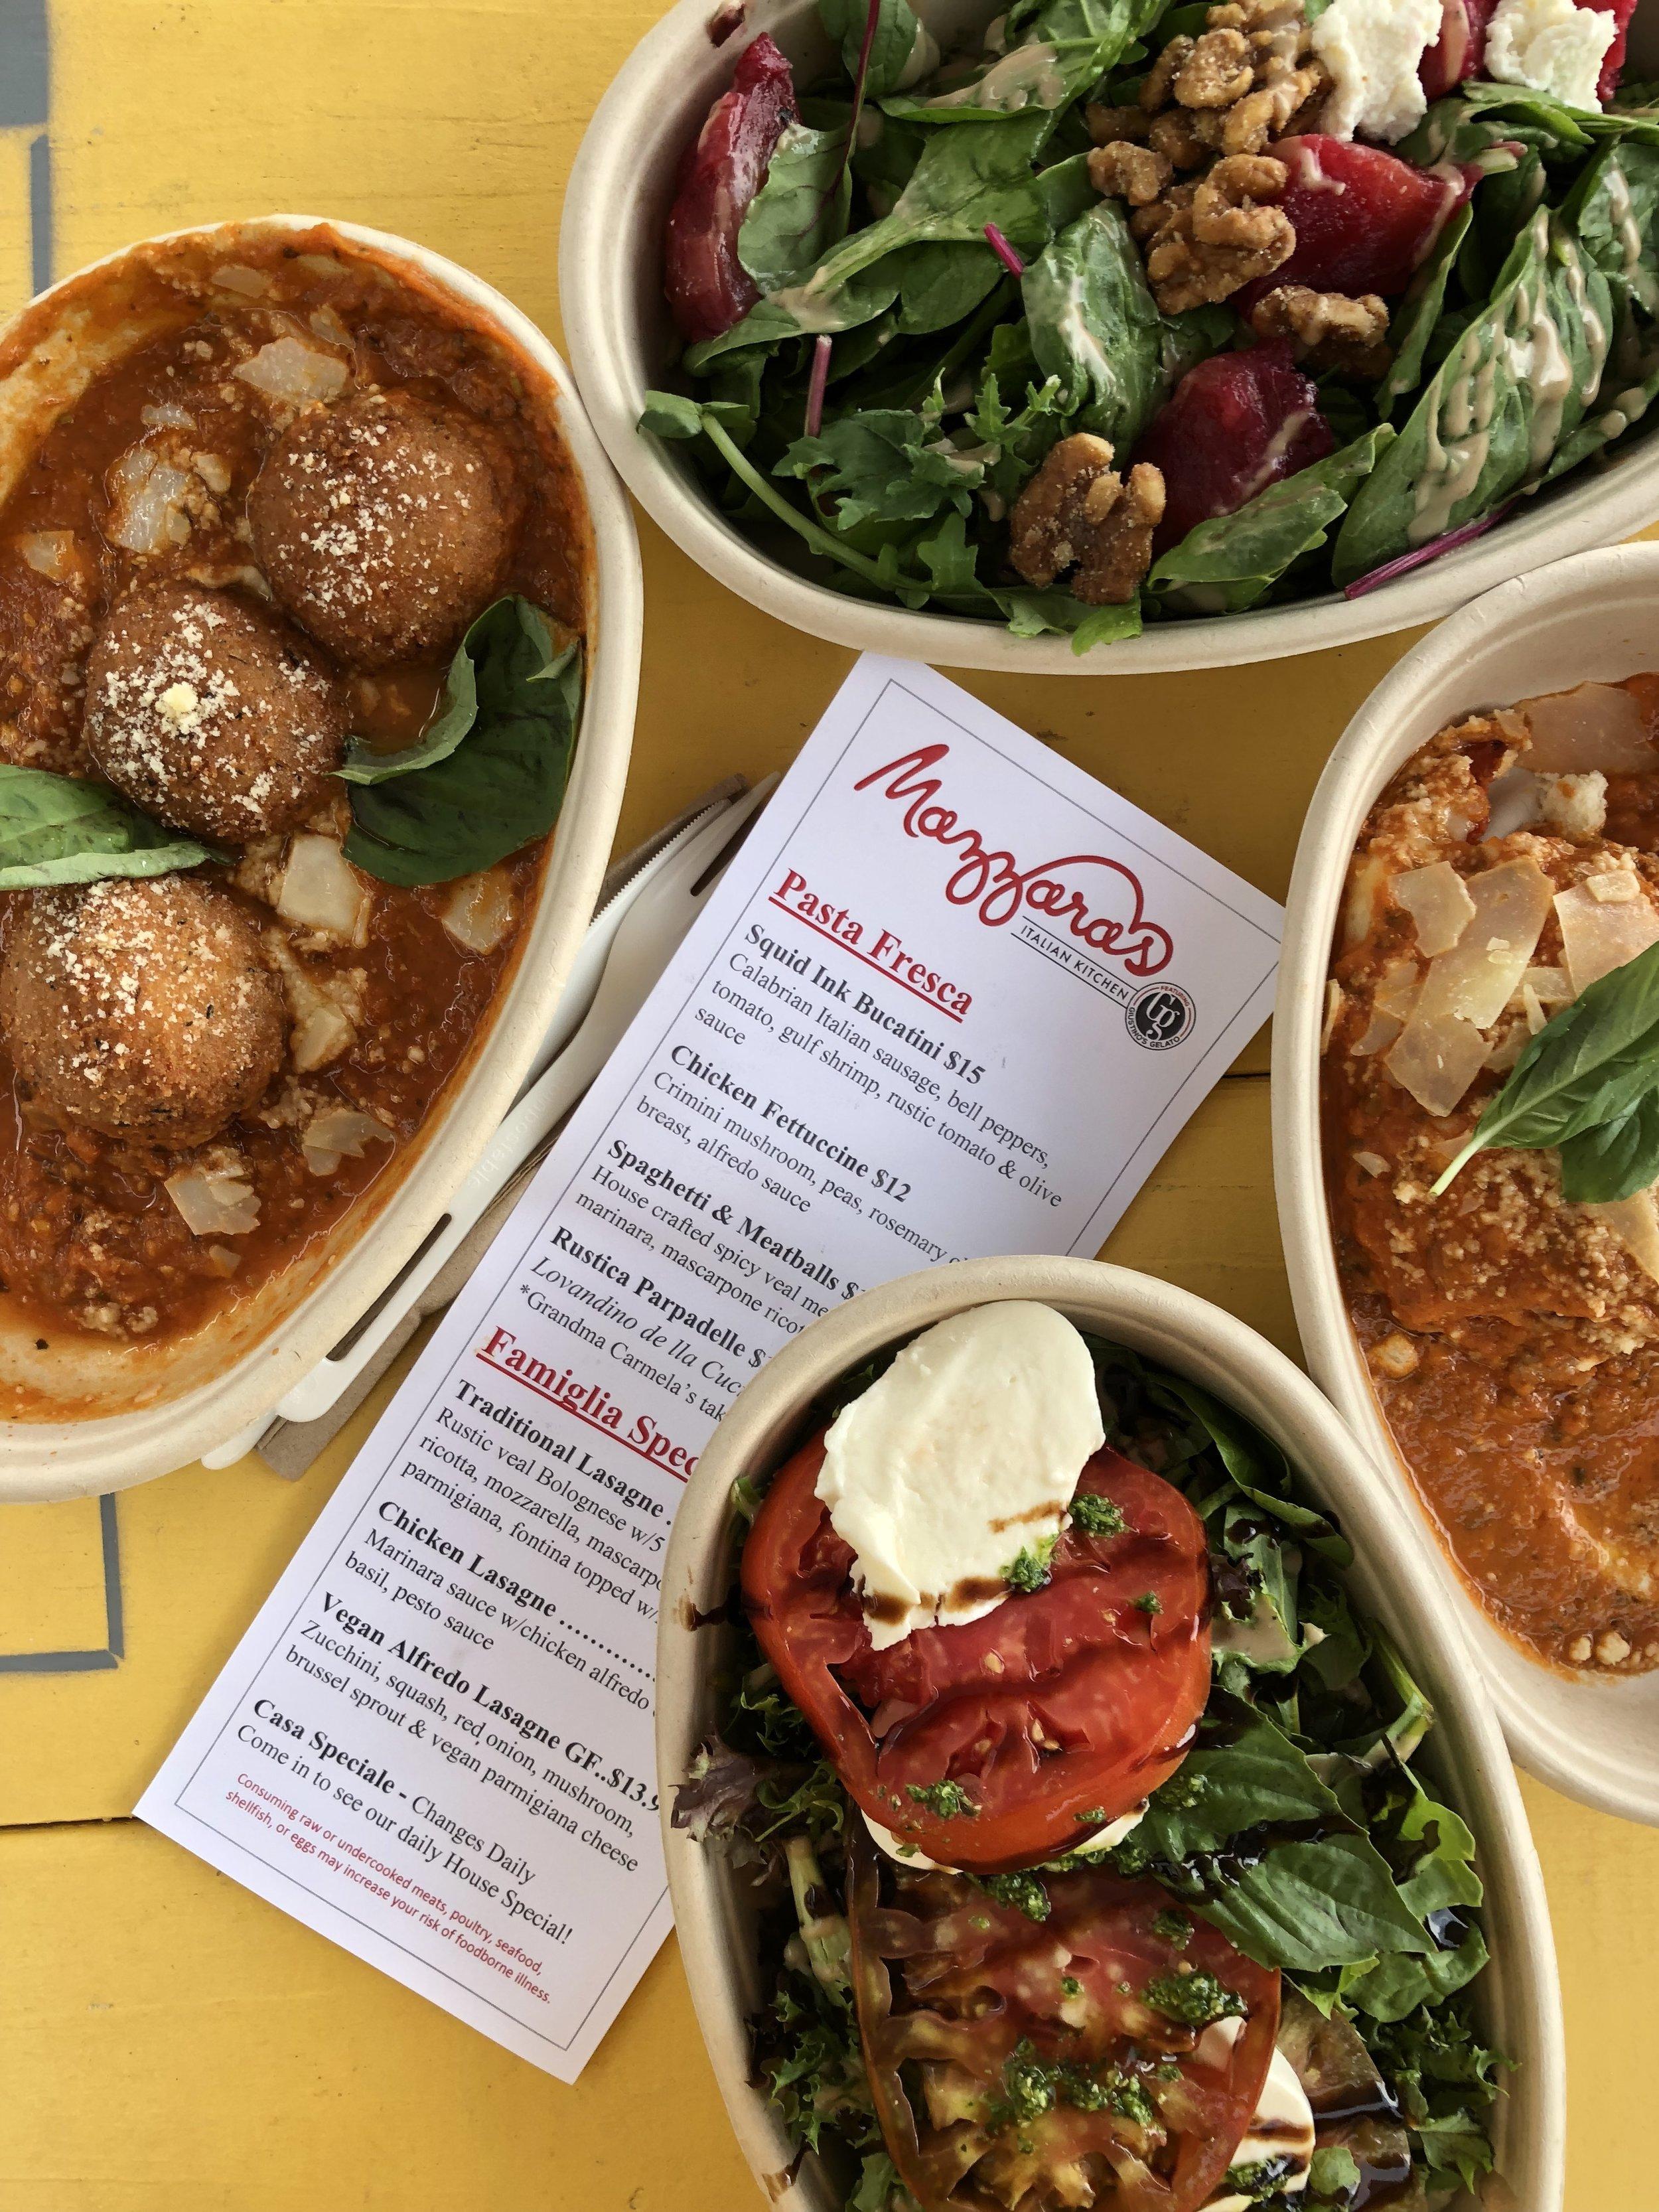 Mazzaras  Italian Kitchen located in the StoveHouse  Gluten Free & Vegan Options available. Gelato, lasagna, pasta, salads…